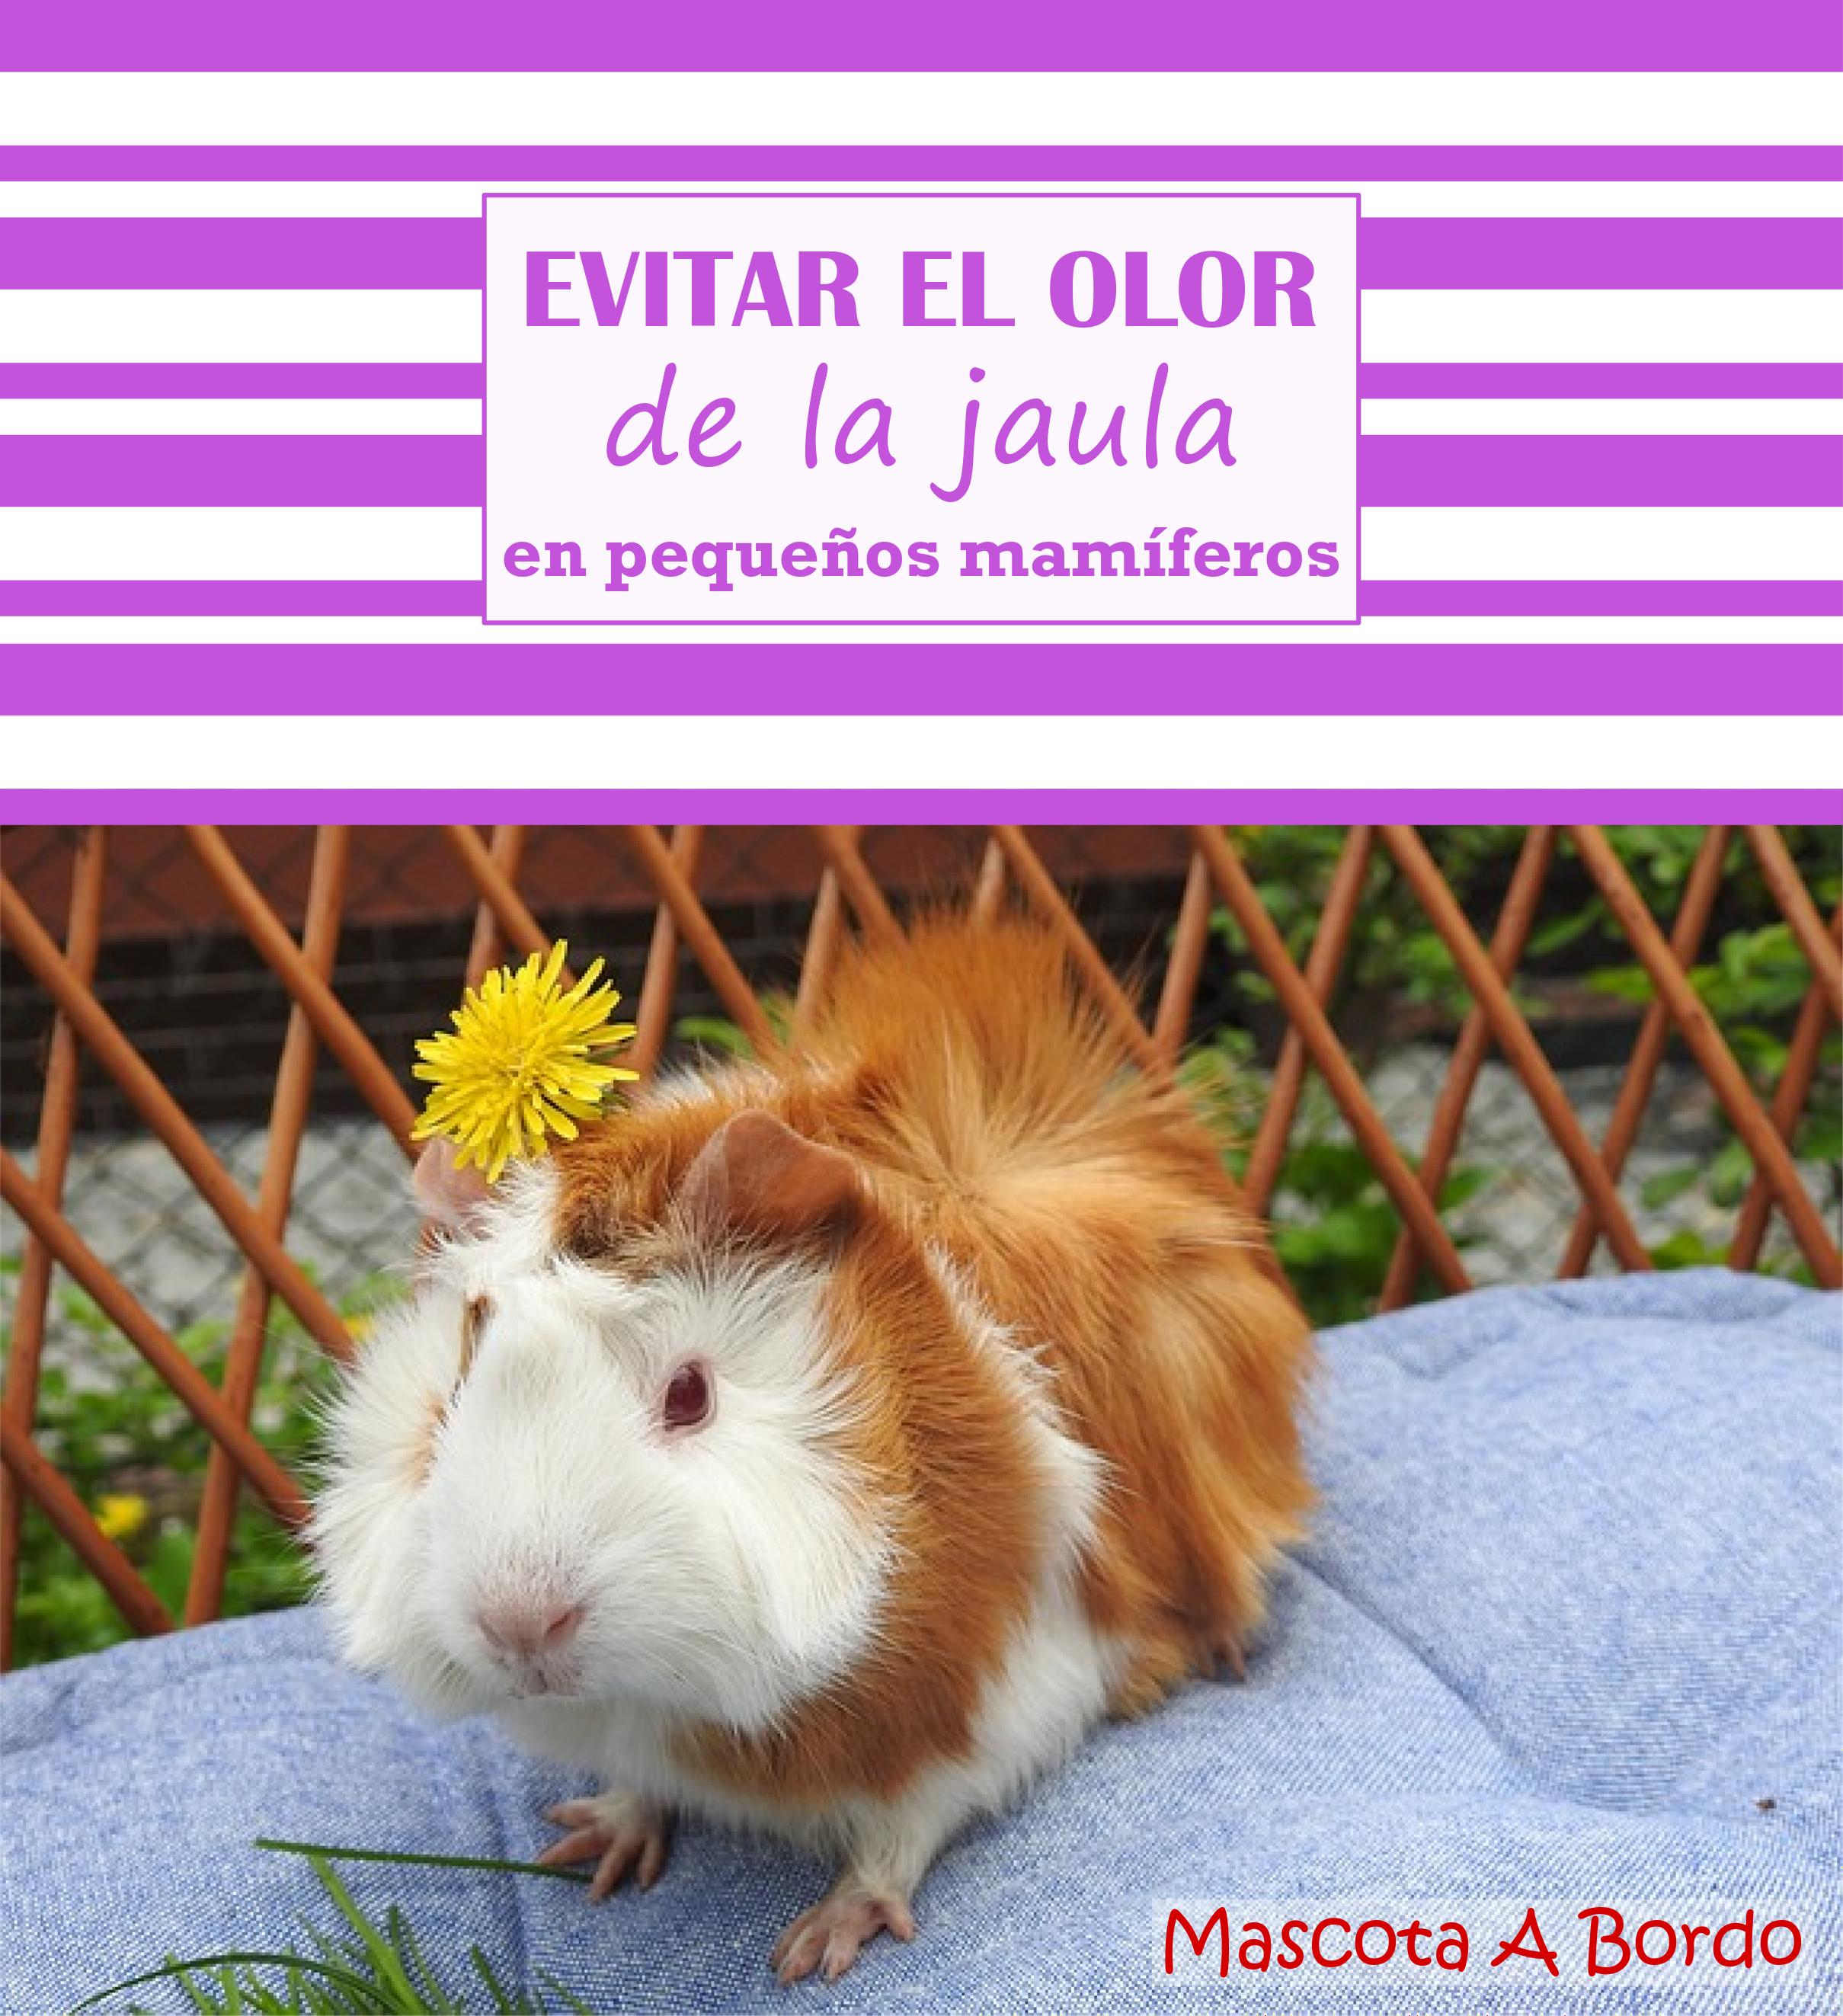 Evitar El Olor De La Jaula De Los Pequeños Mamíferos Jaulas Para Cobayos Cobayas Mascota Jaulas Para Hamster